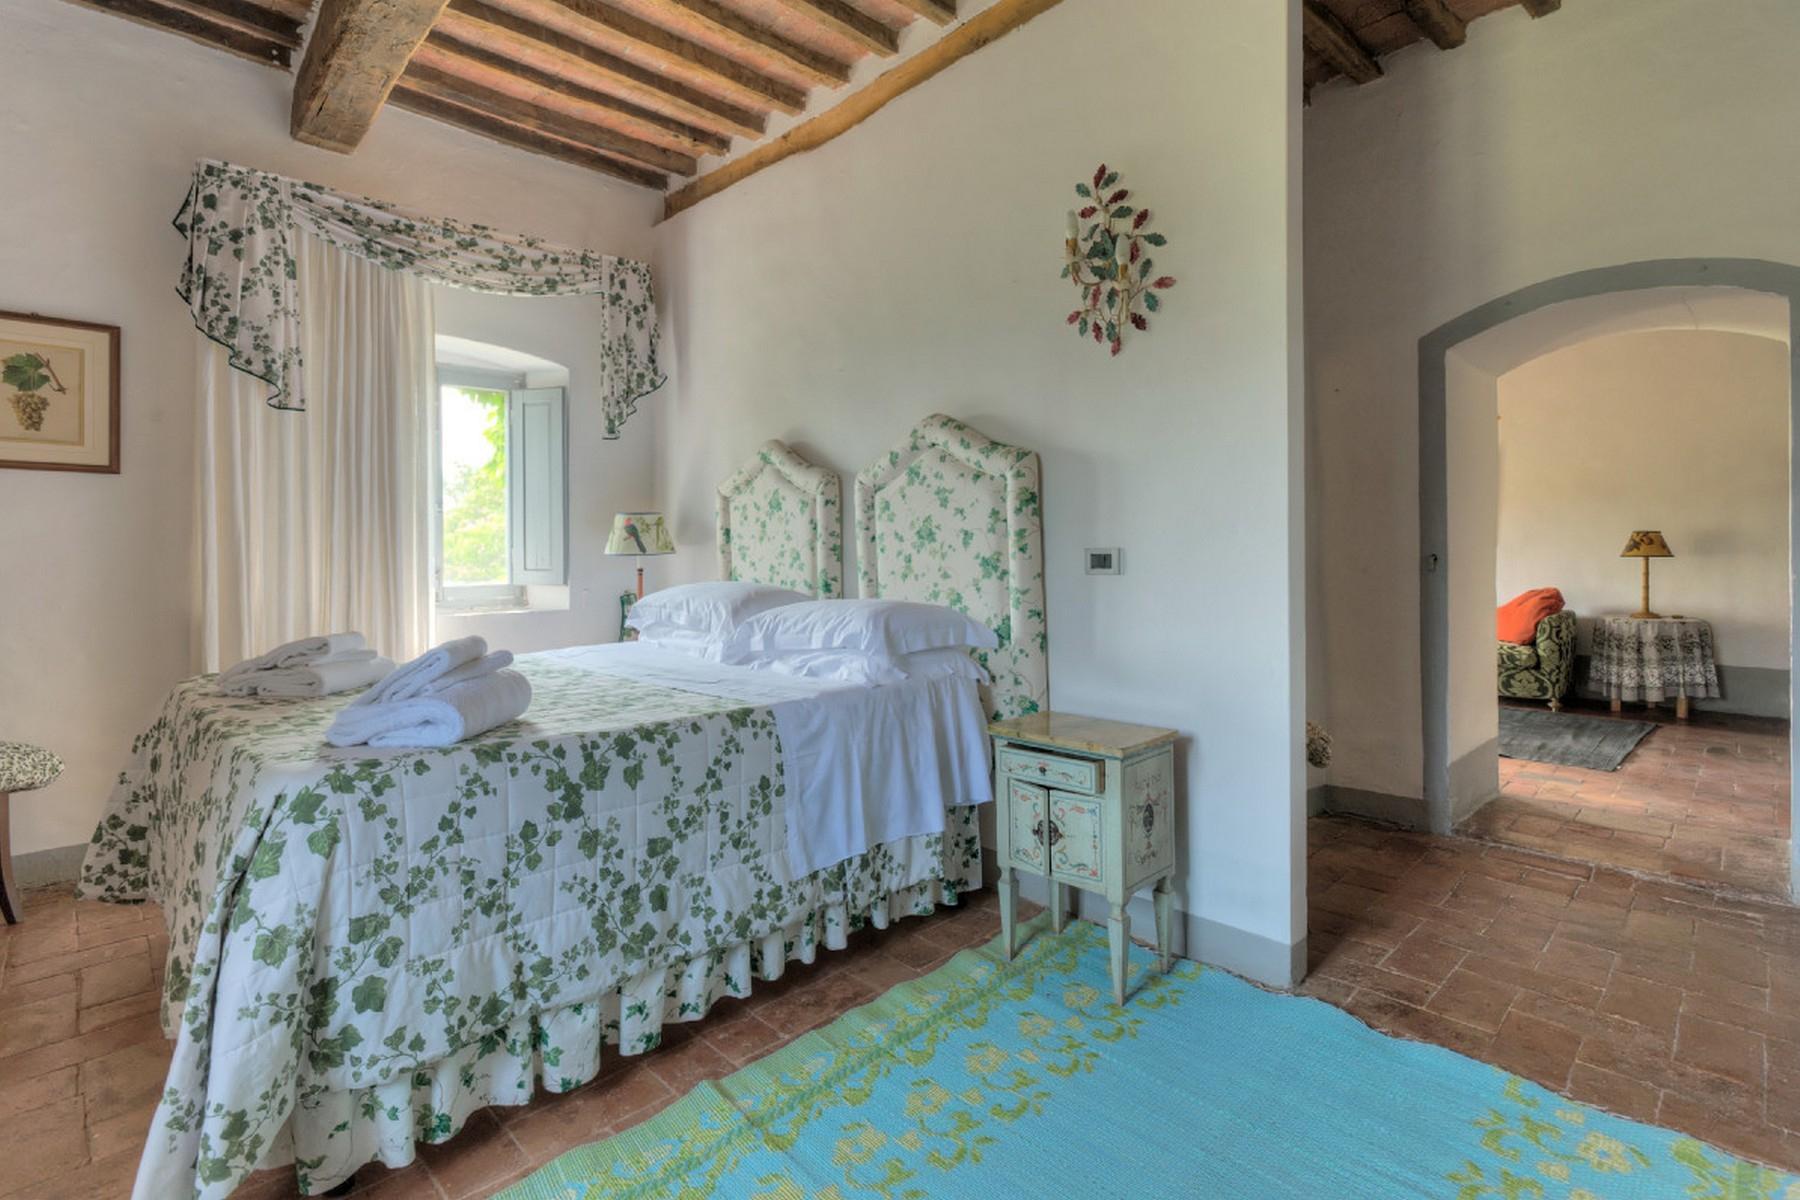 State-of-the-art rustic villa set in Florentine Chianti - 20